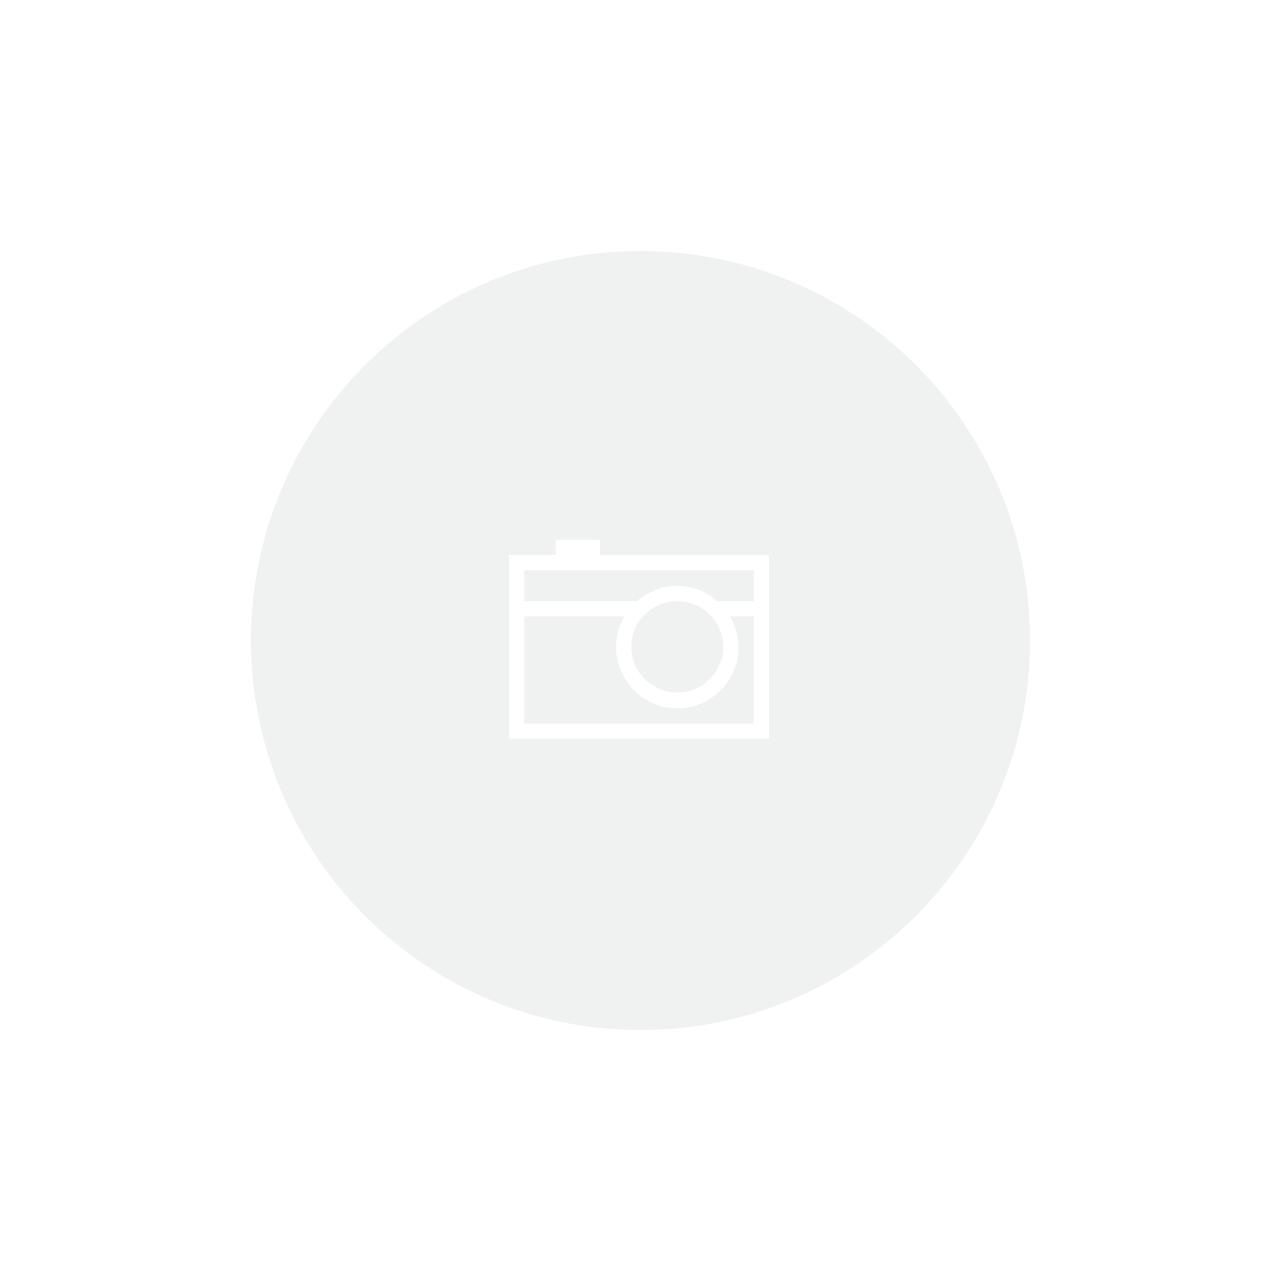 Papel Laminado Textura - Ref. 1